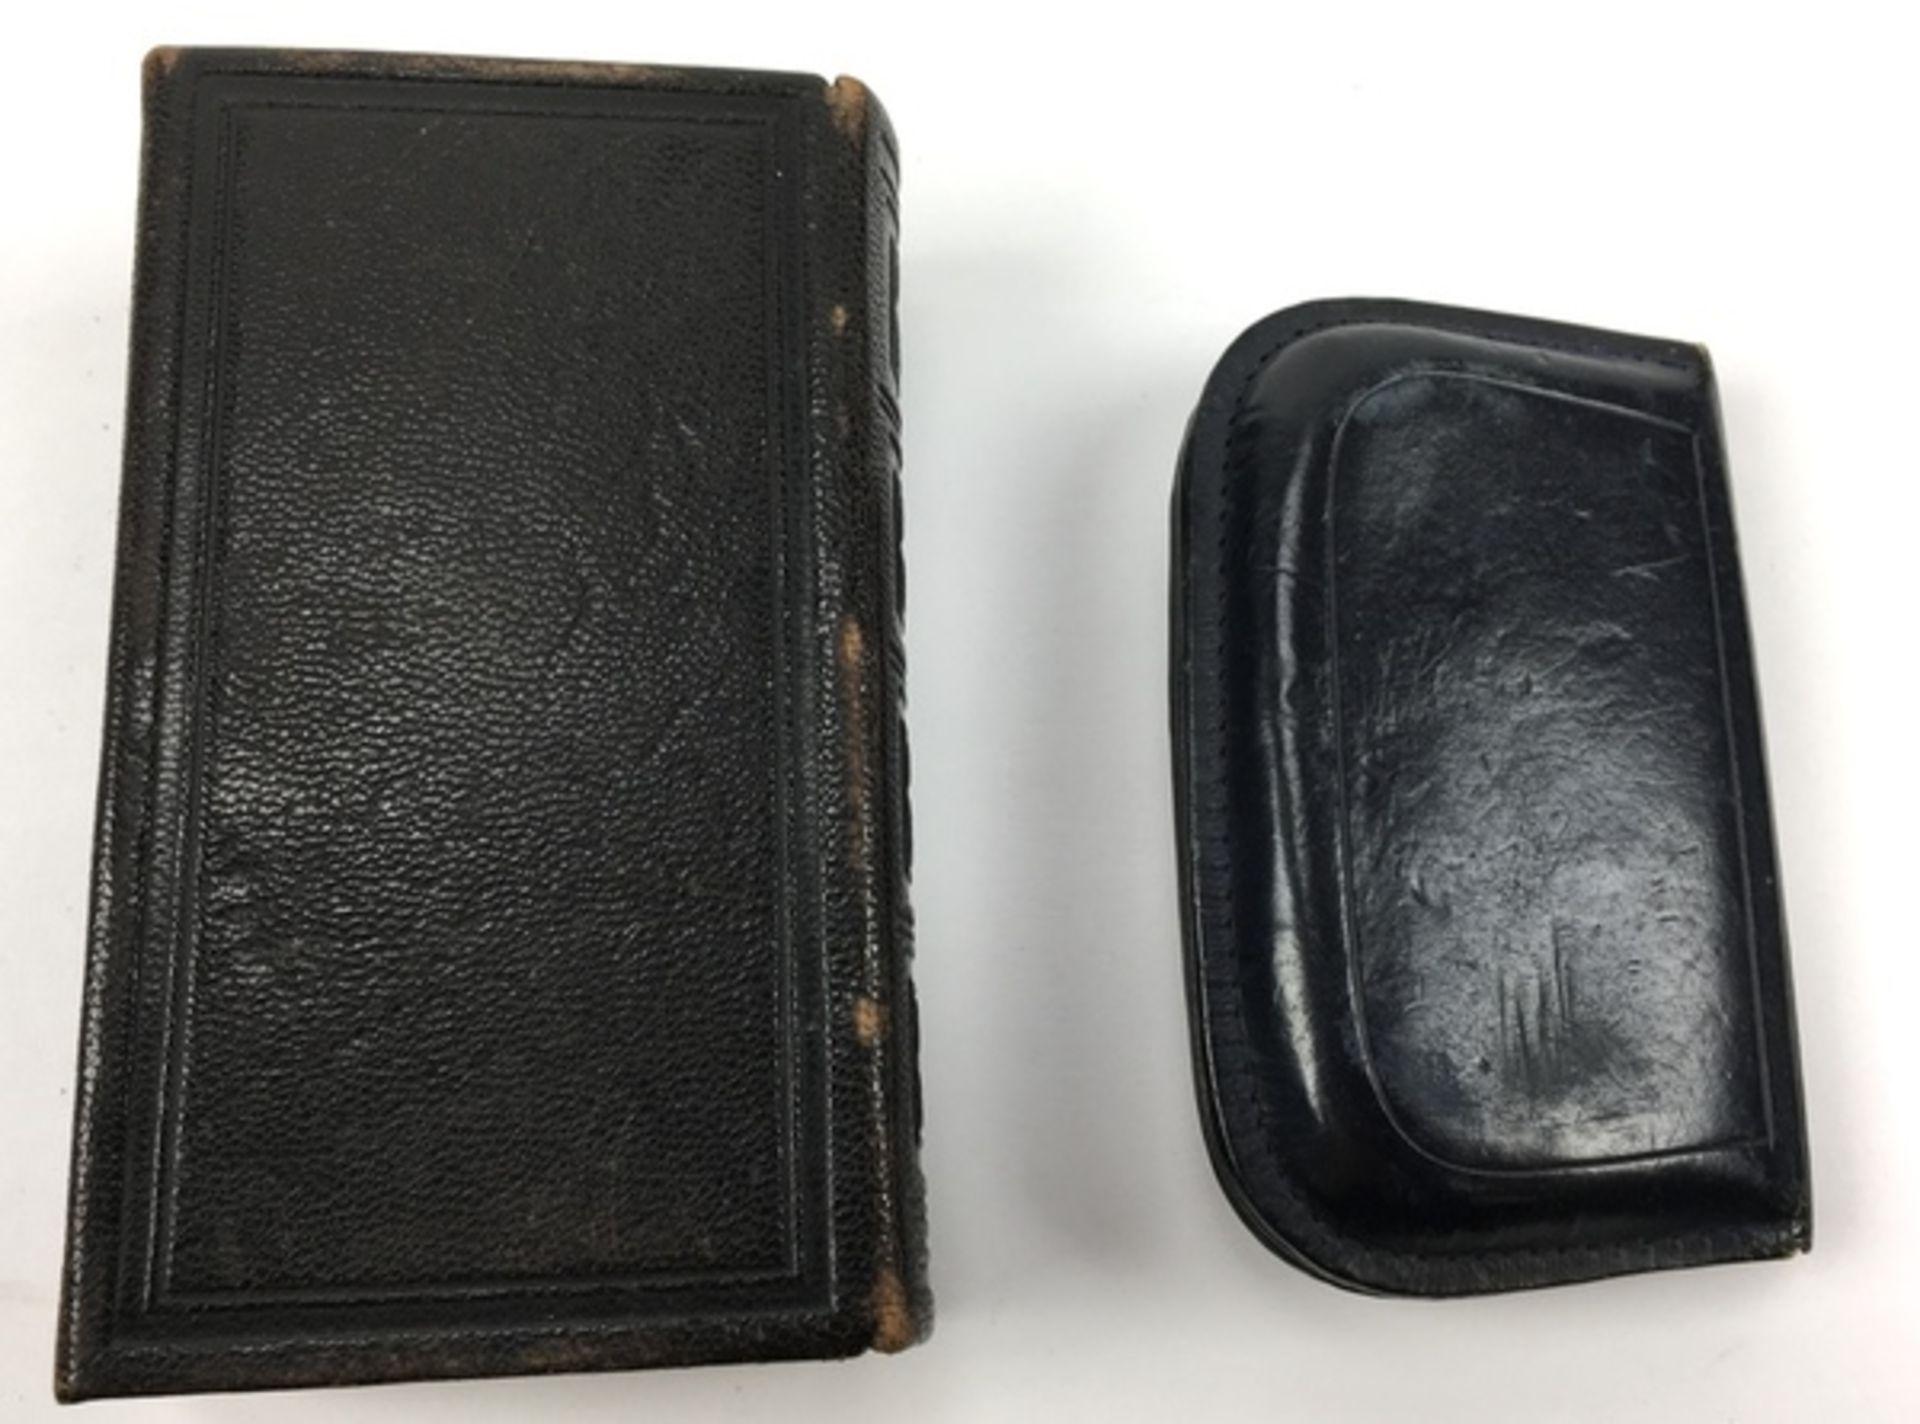 (Antiek) Bijbel en portemonnee met gouden slotenBijbel met leren kaft en gouden slot uit 1884, - Image 6 of 8